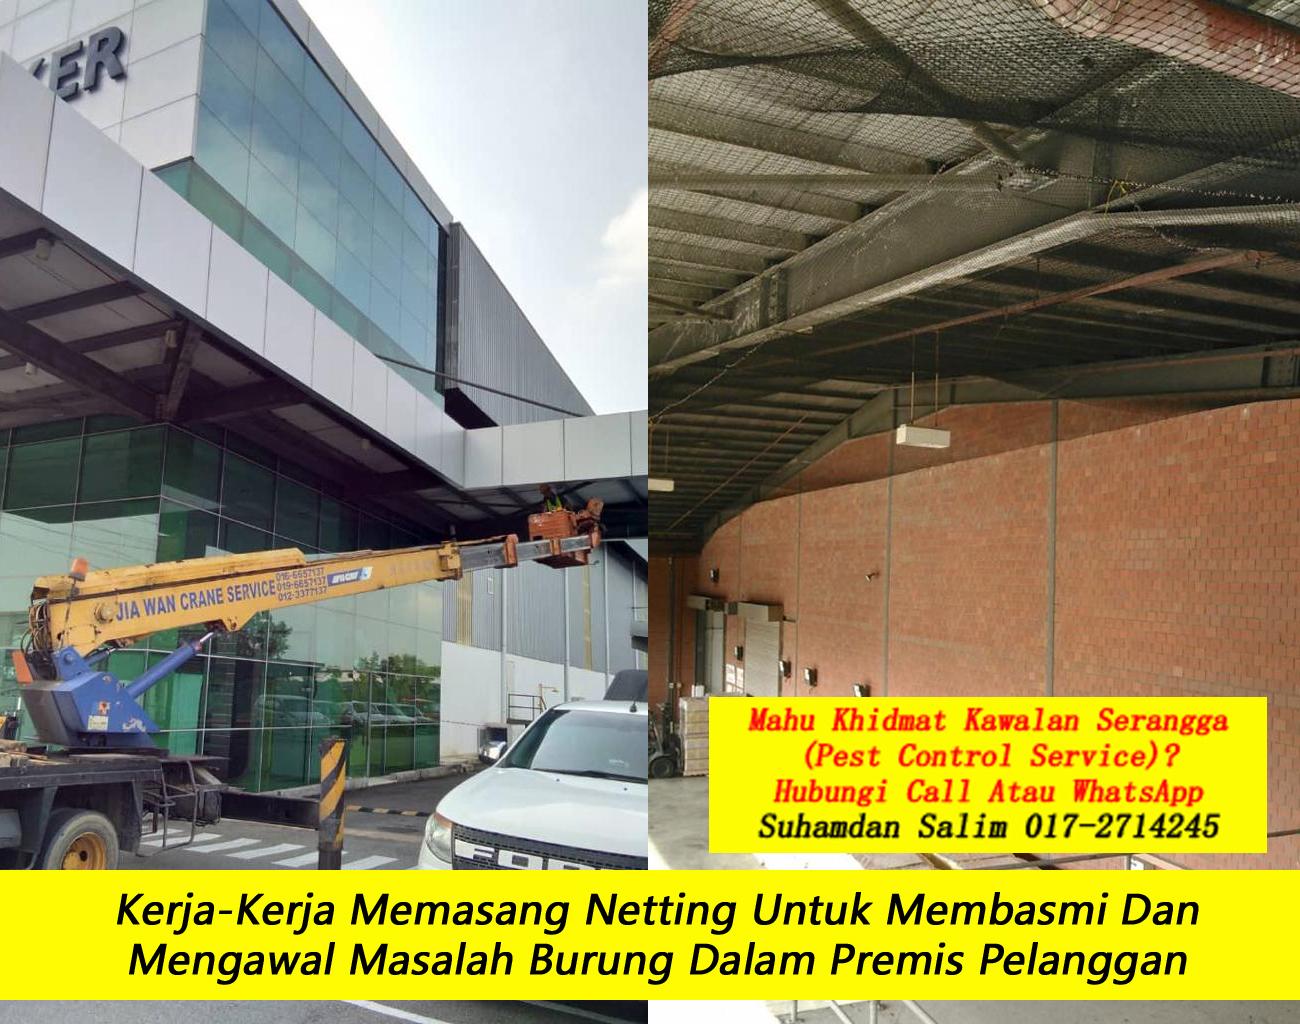 khidmat kawalan serangga burung kelawar syarikat kawalan serangga company pest control Sentul kl taman perumahan kawasan perindustrian near me felda